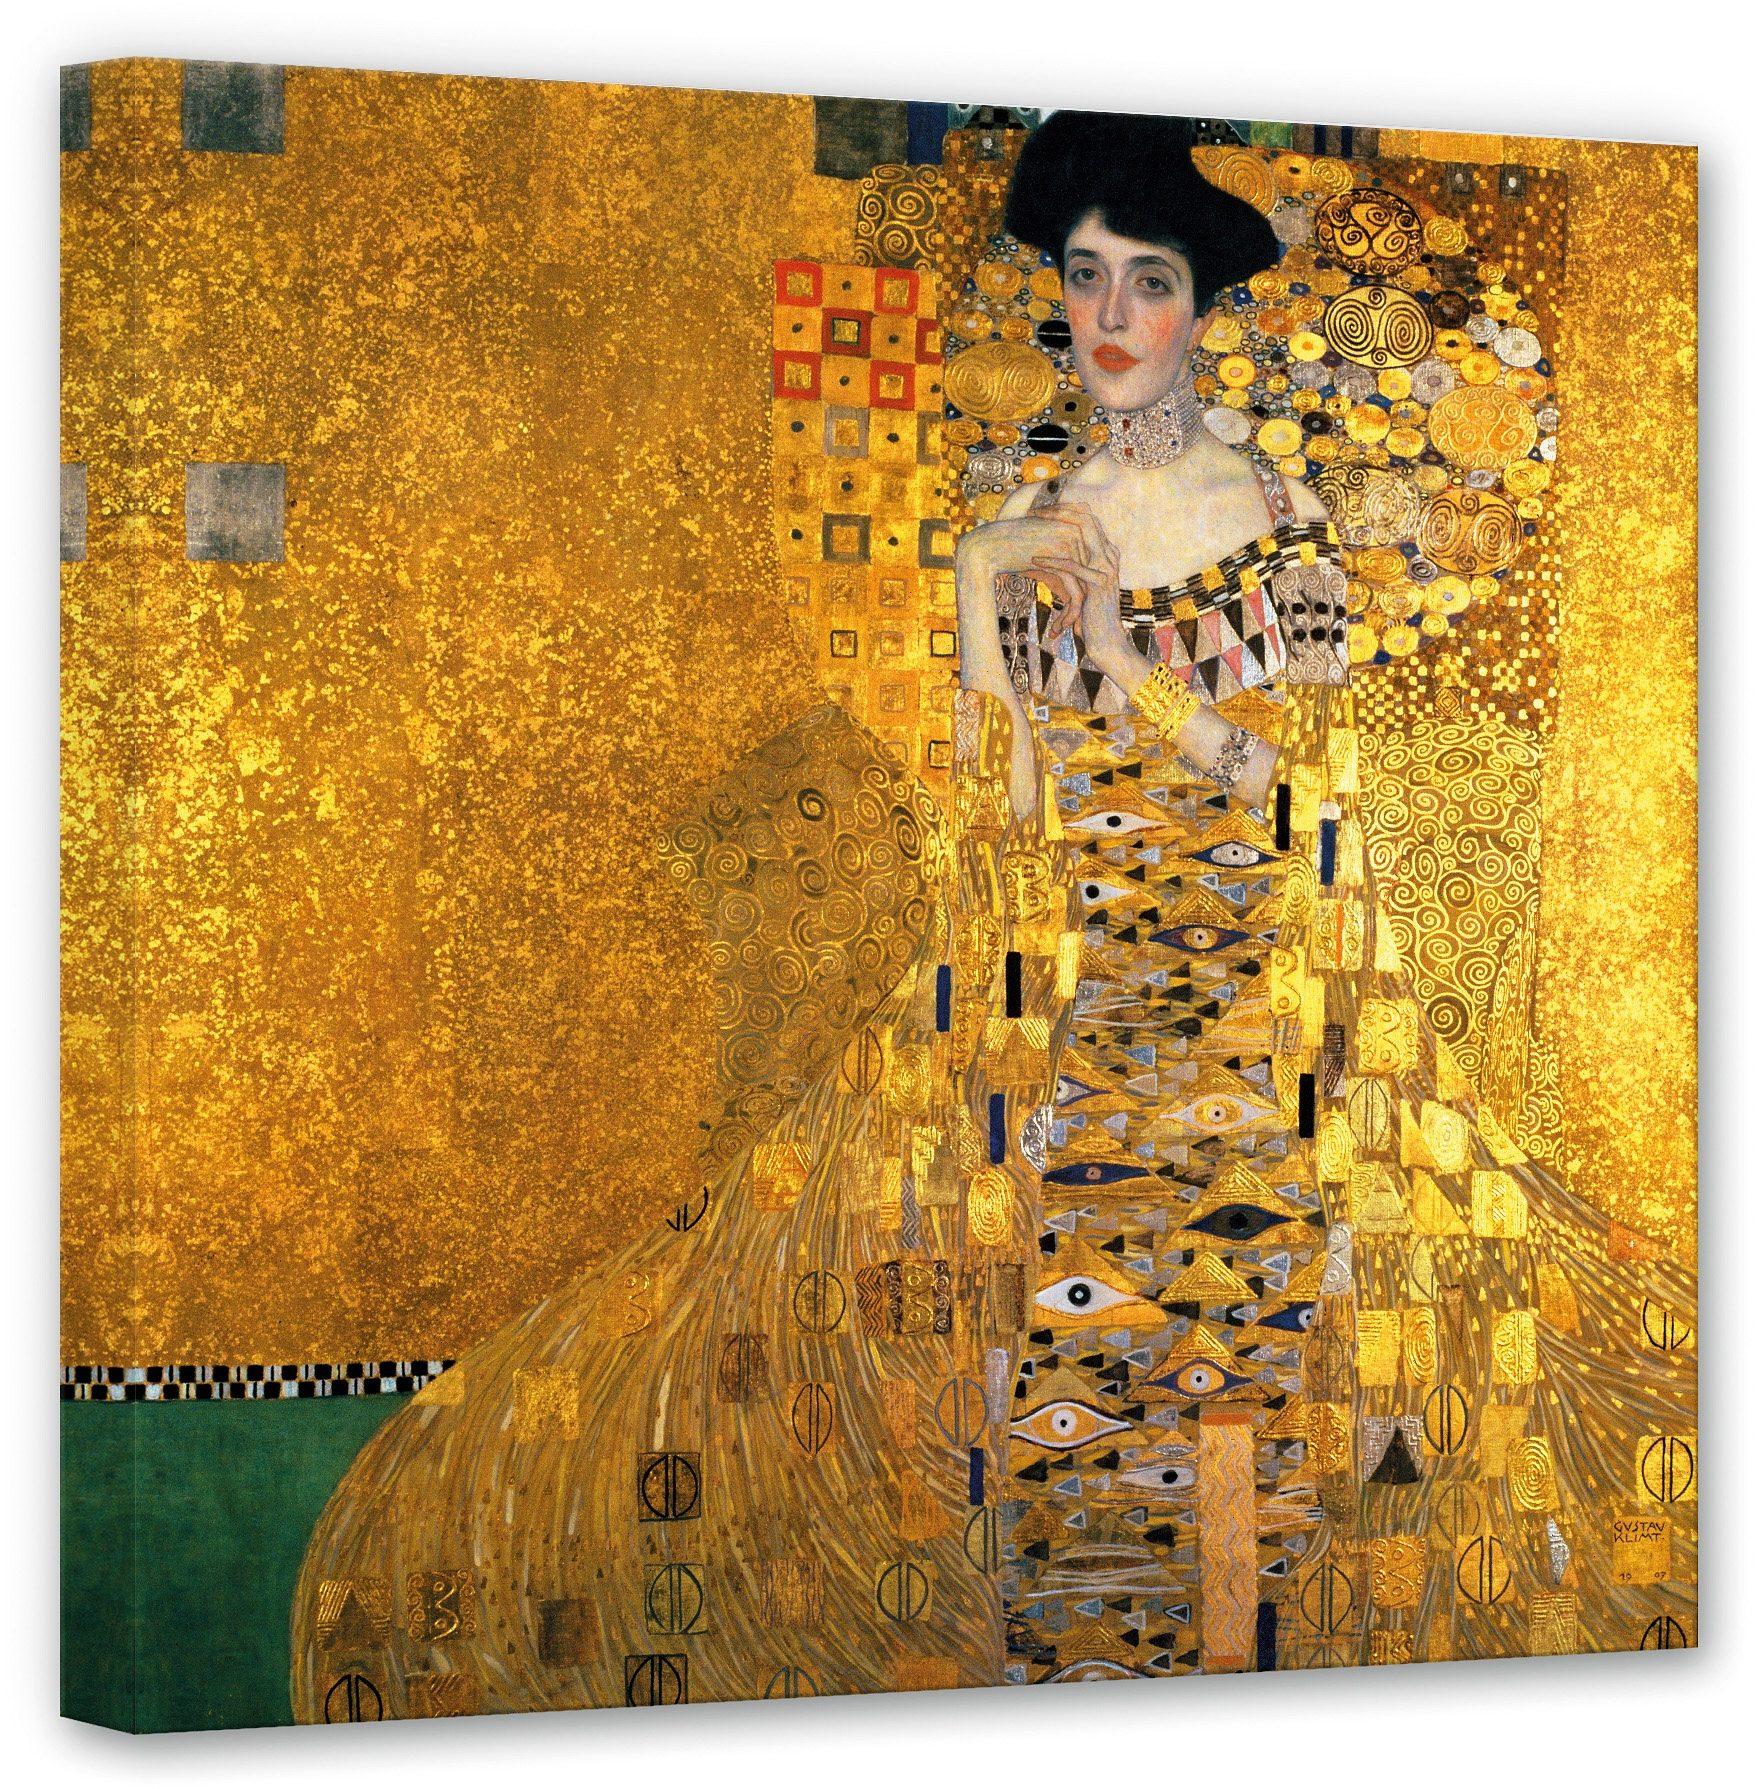 Premium Collection by Home affaire, Leinwandbild» Klimt - Bildnis der Adele Bloch-Bauer«, 70/70 cm